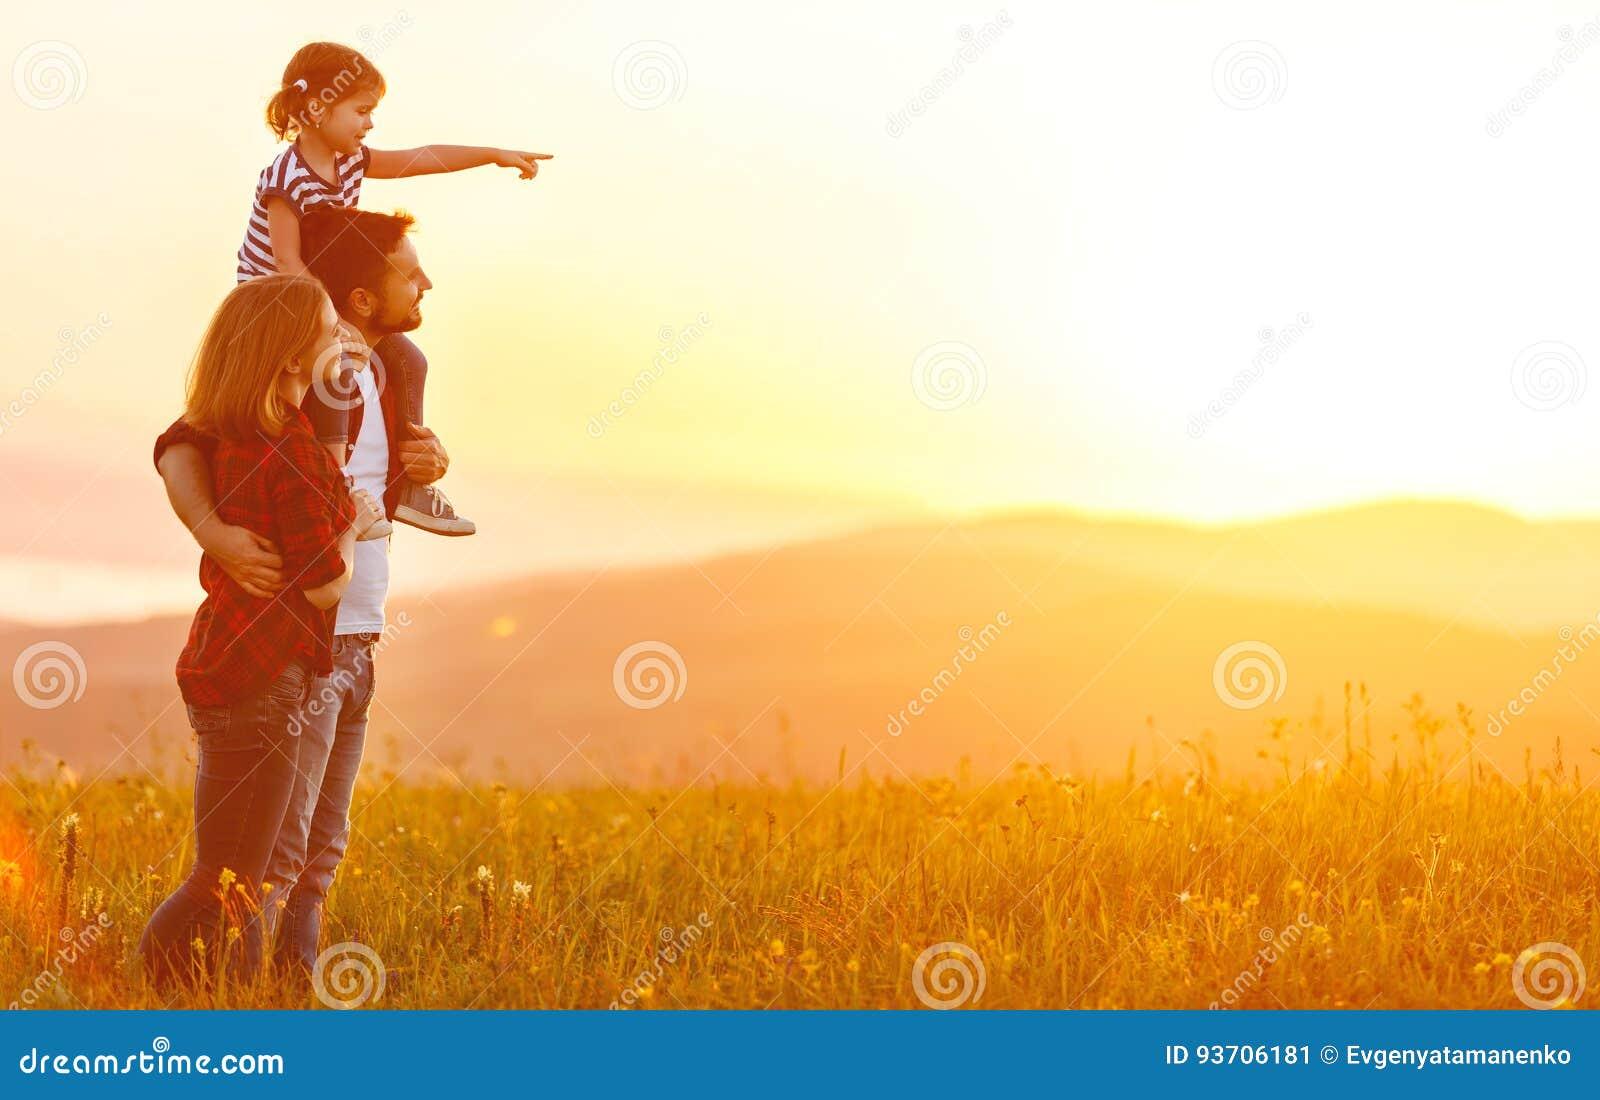 Ευτυχής οικογένεια: πατέρας μητέρων και κόρη παιδιών στο ηλιοβασίλεμα